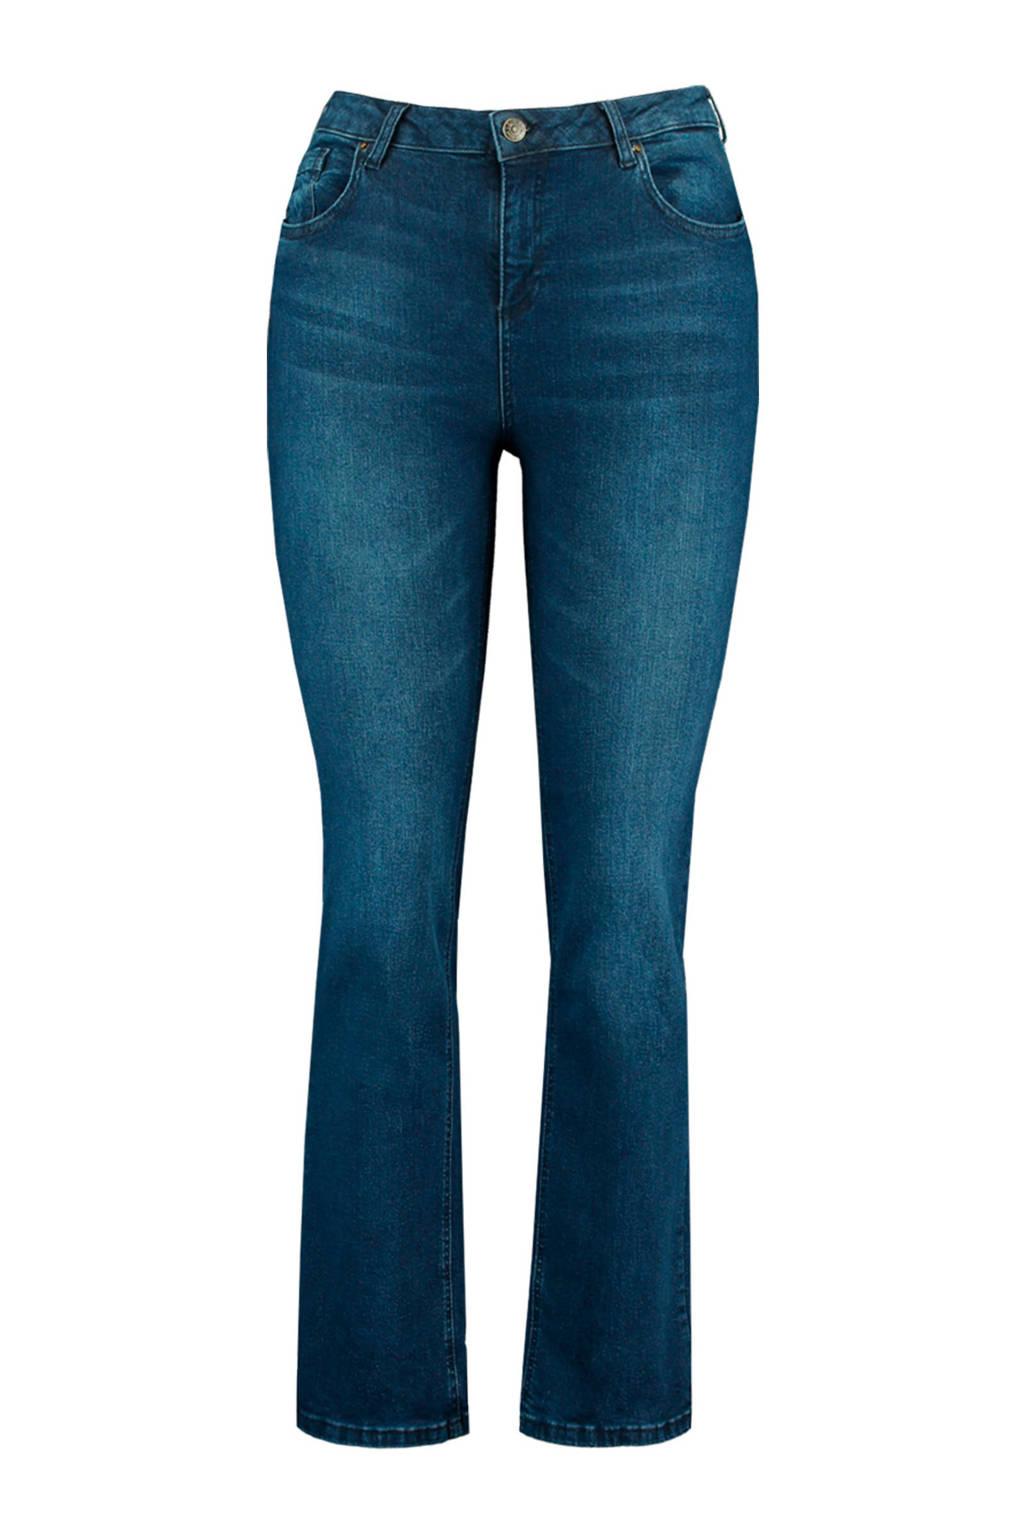 MS Mode straight fit jeans dark denim, Dark denim